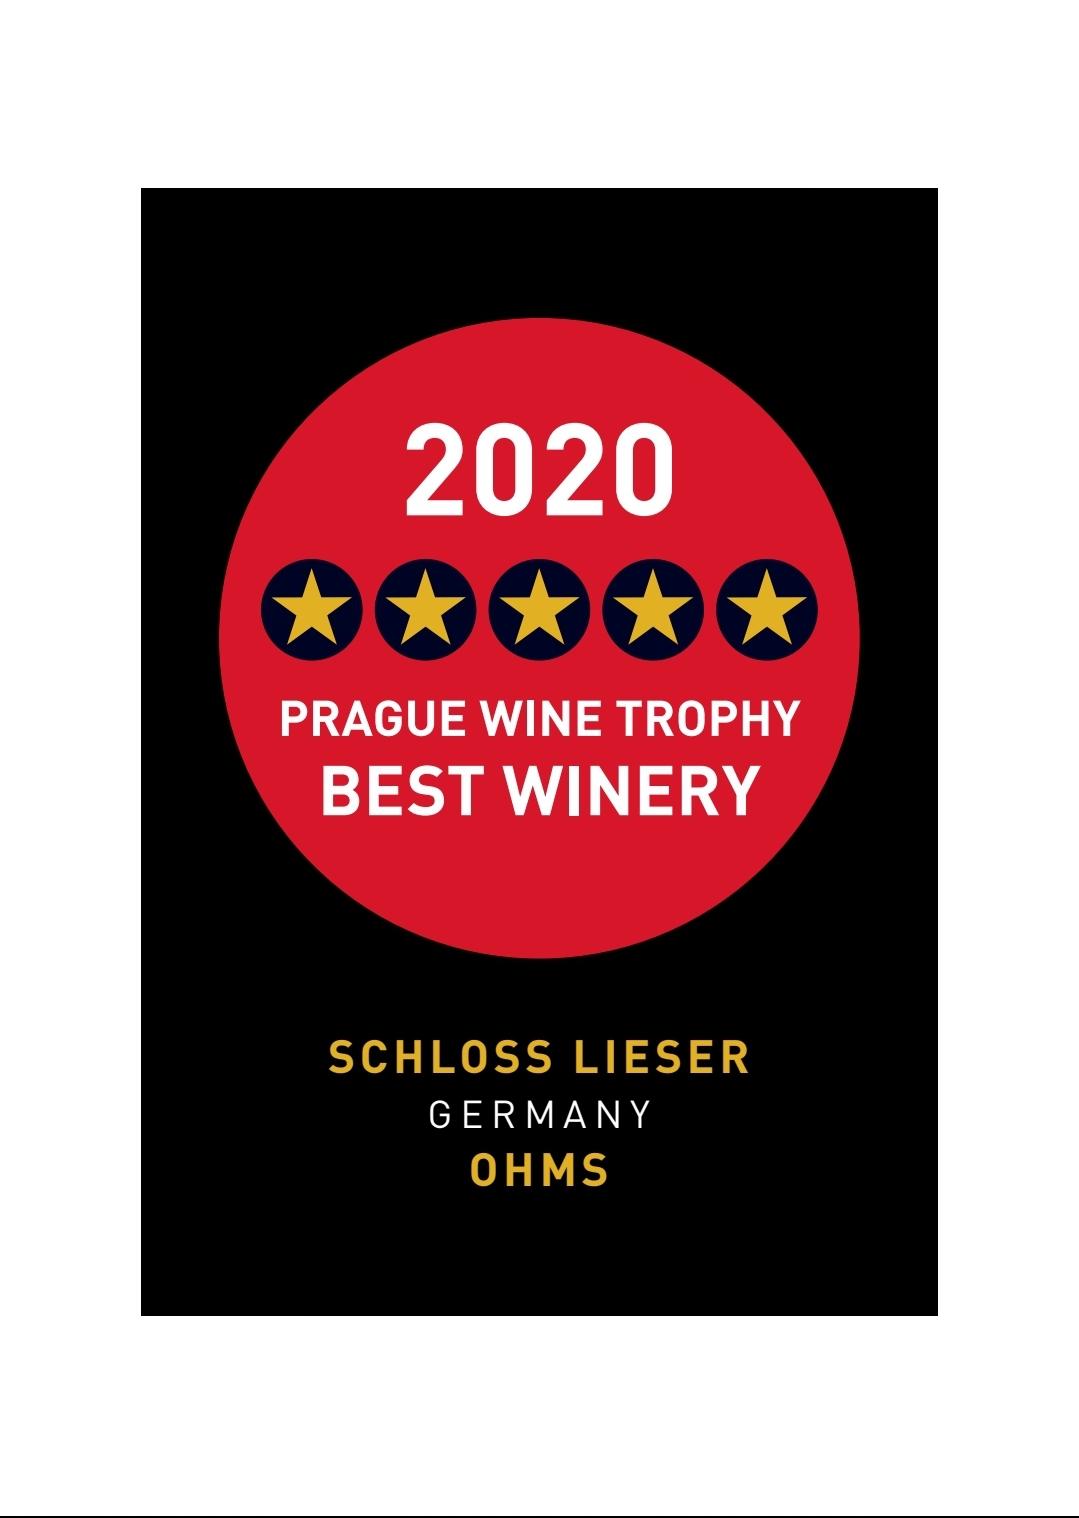 PWT 2020 - Schloss Lieser